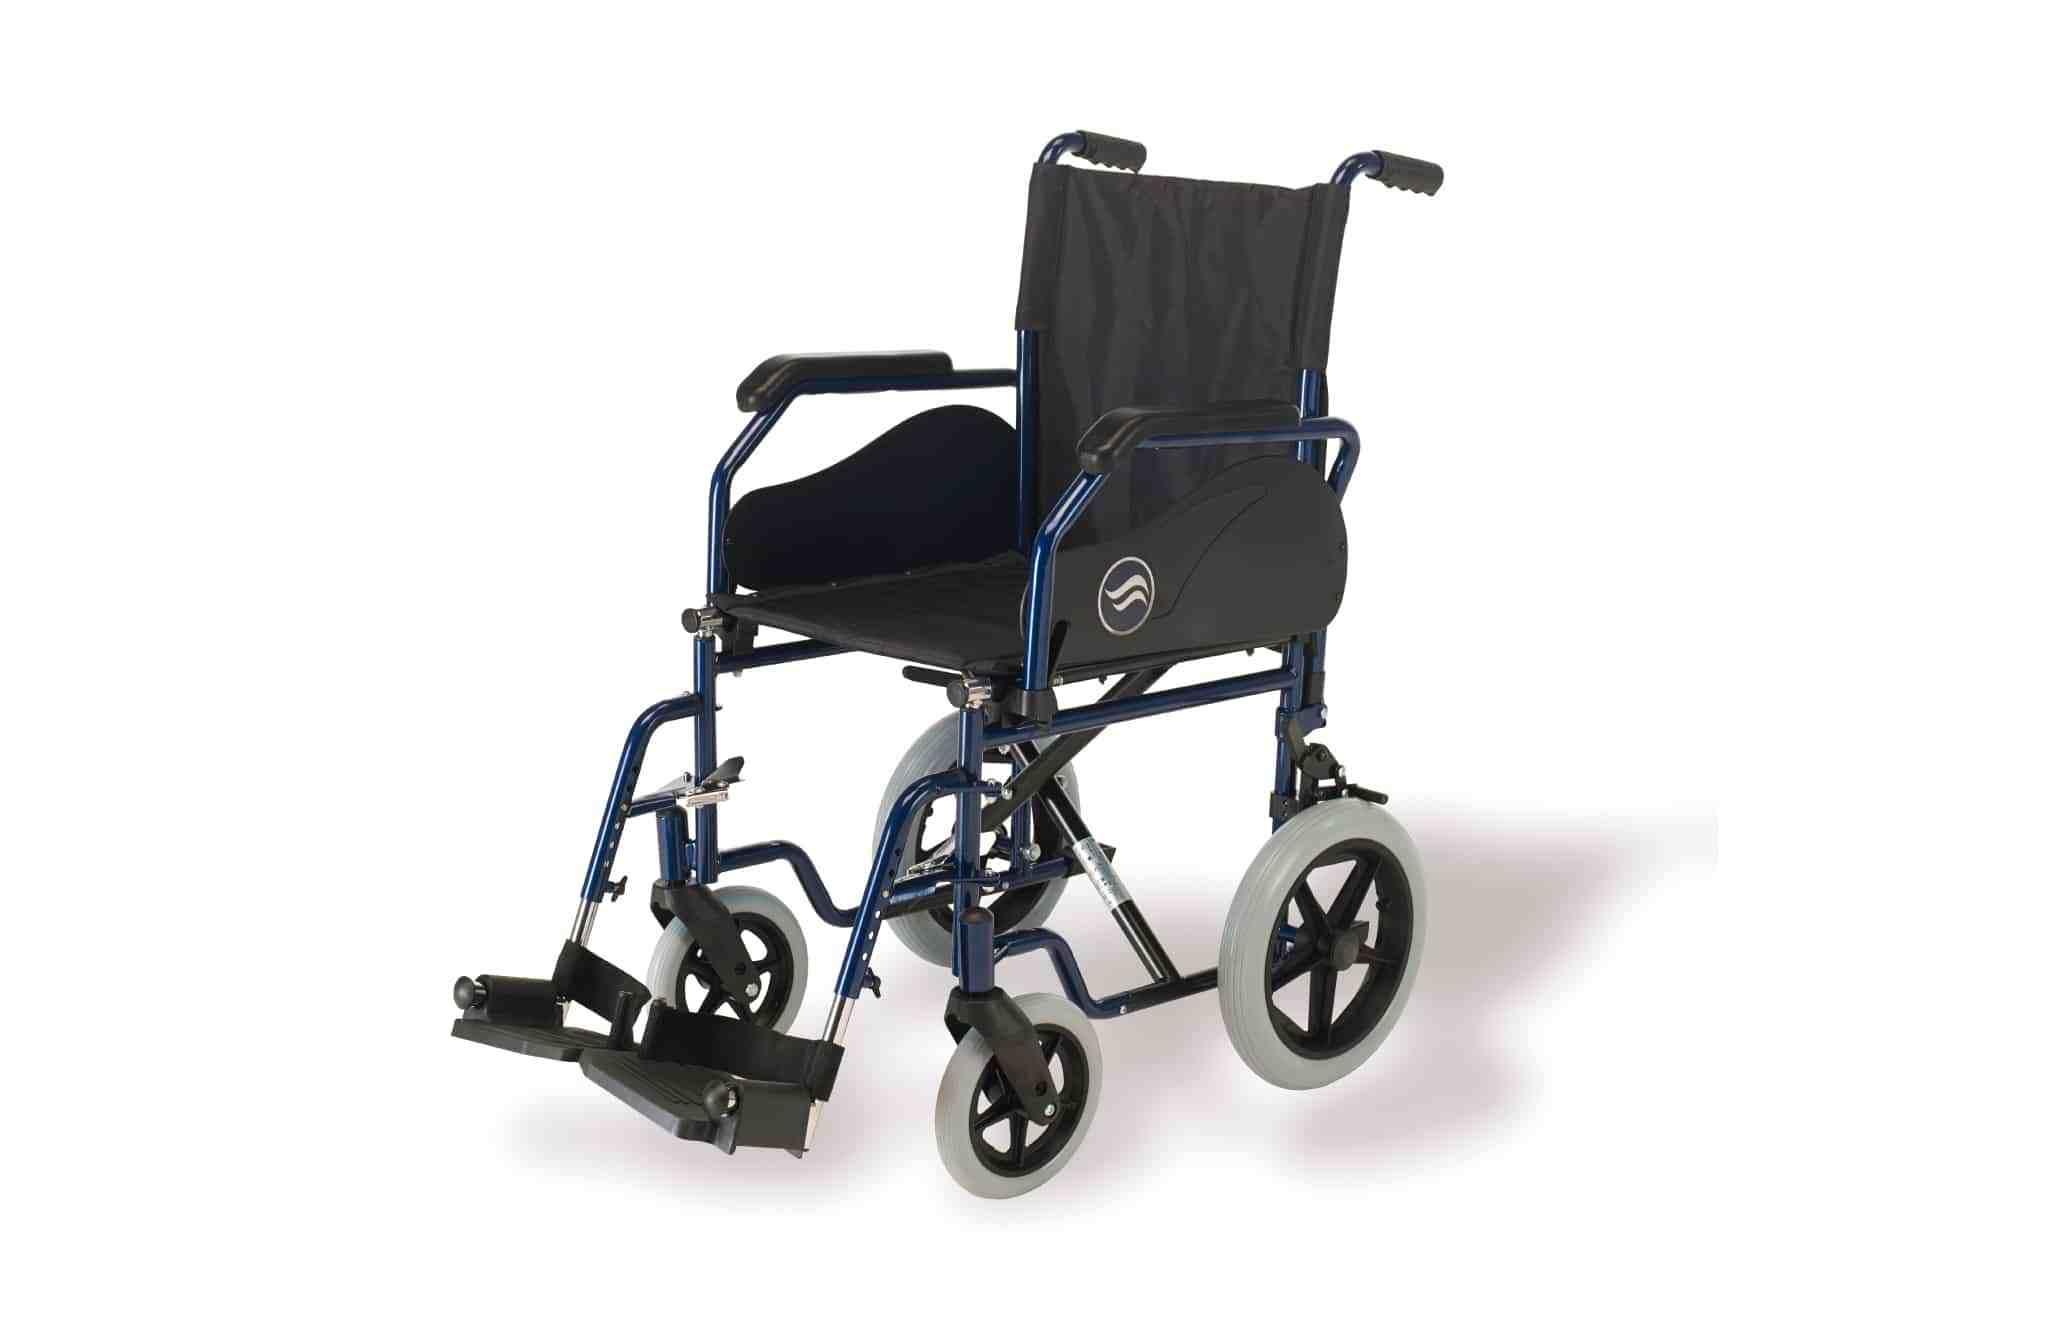 Breezy 90 com rodas pequenas